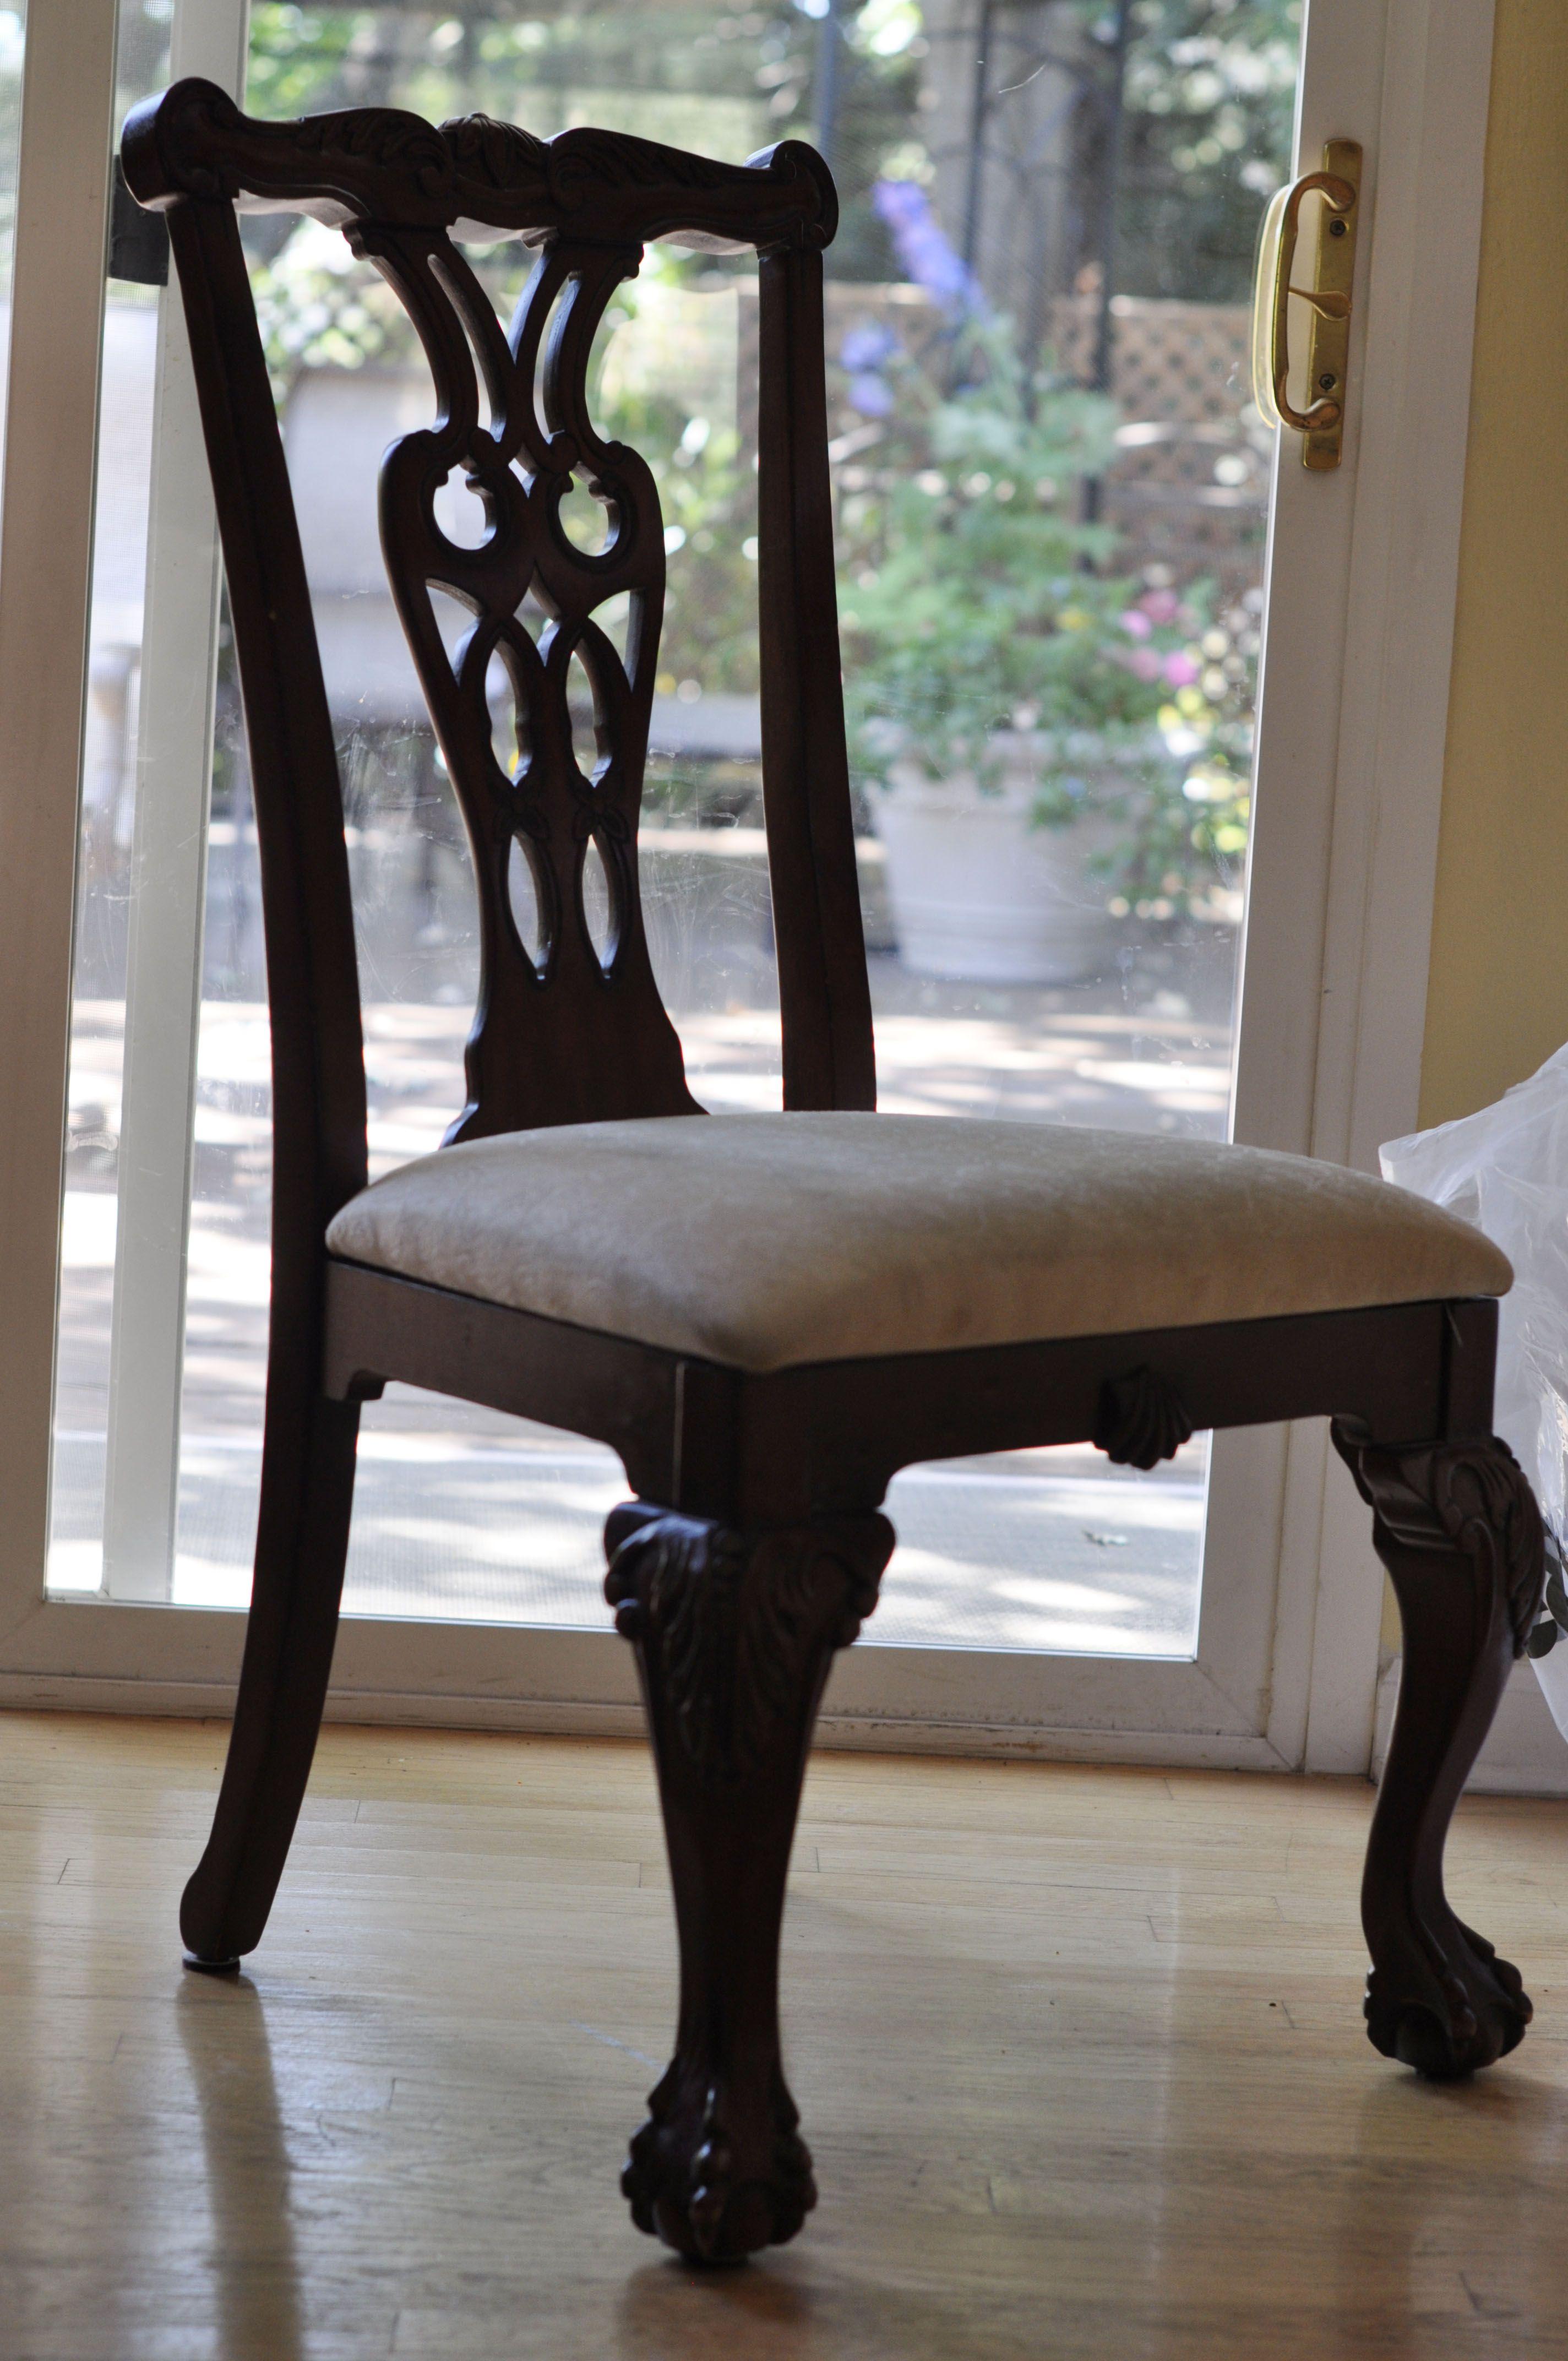 Große Innen Sitzkissen, Runde Sitzkissen Für Stuhl Schaukelstuhl Kissen  Sets Kohls Ziel Stuhl Kissen #